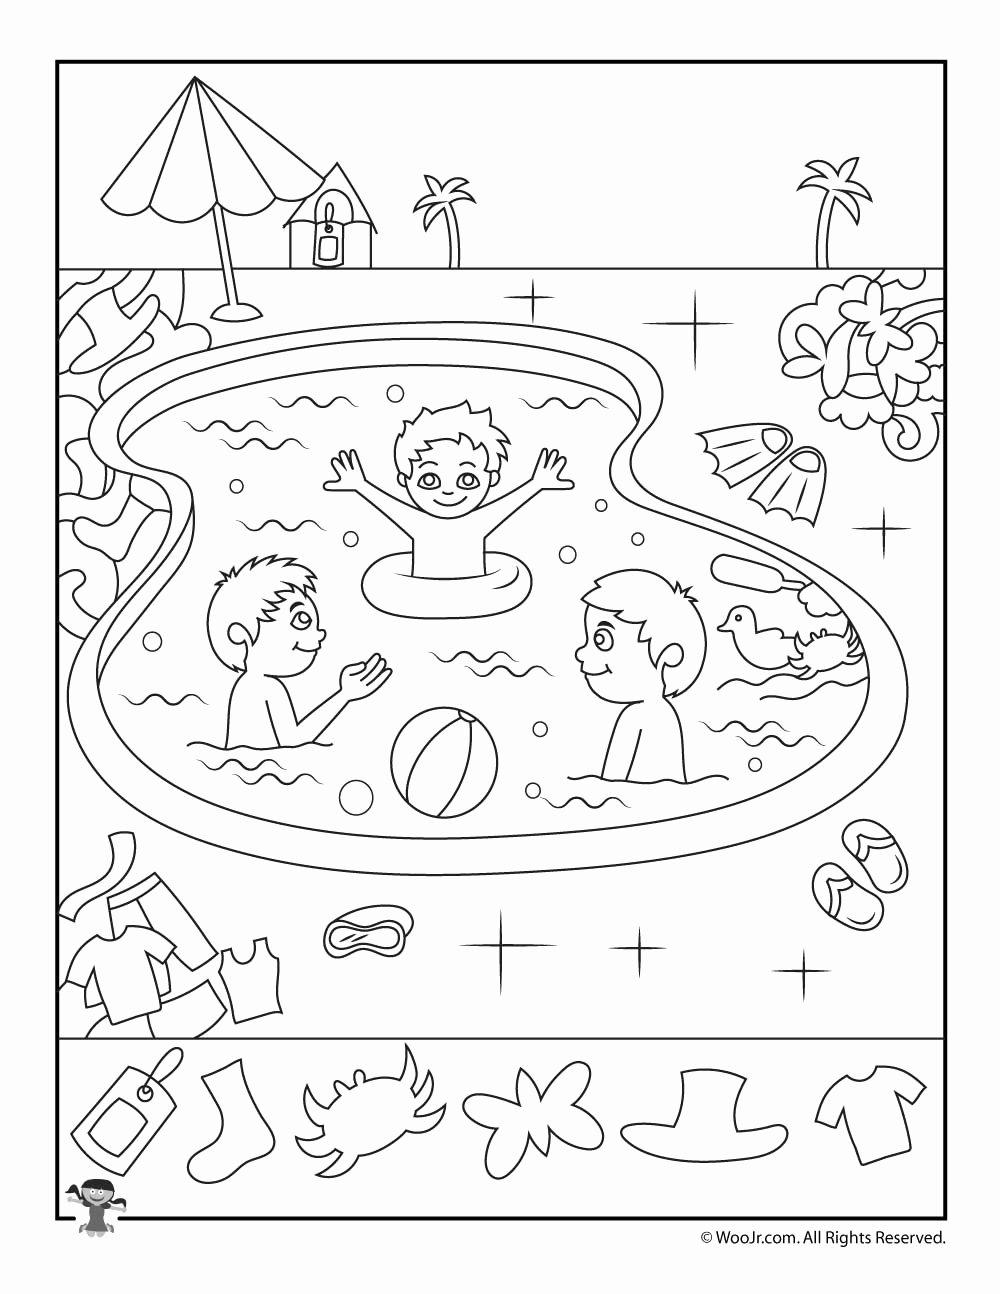 Hidden Objects Worksheets for Preschoolers Inspirational Pool Hidden Objects Worksheet Woo Jr Kids Activities